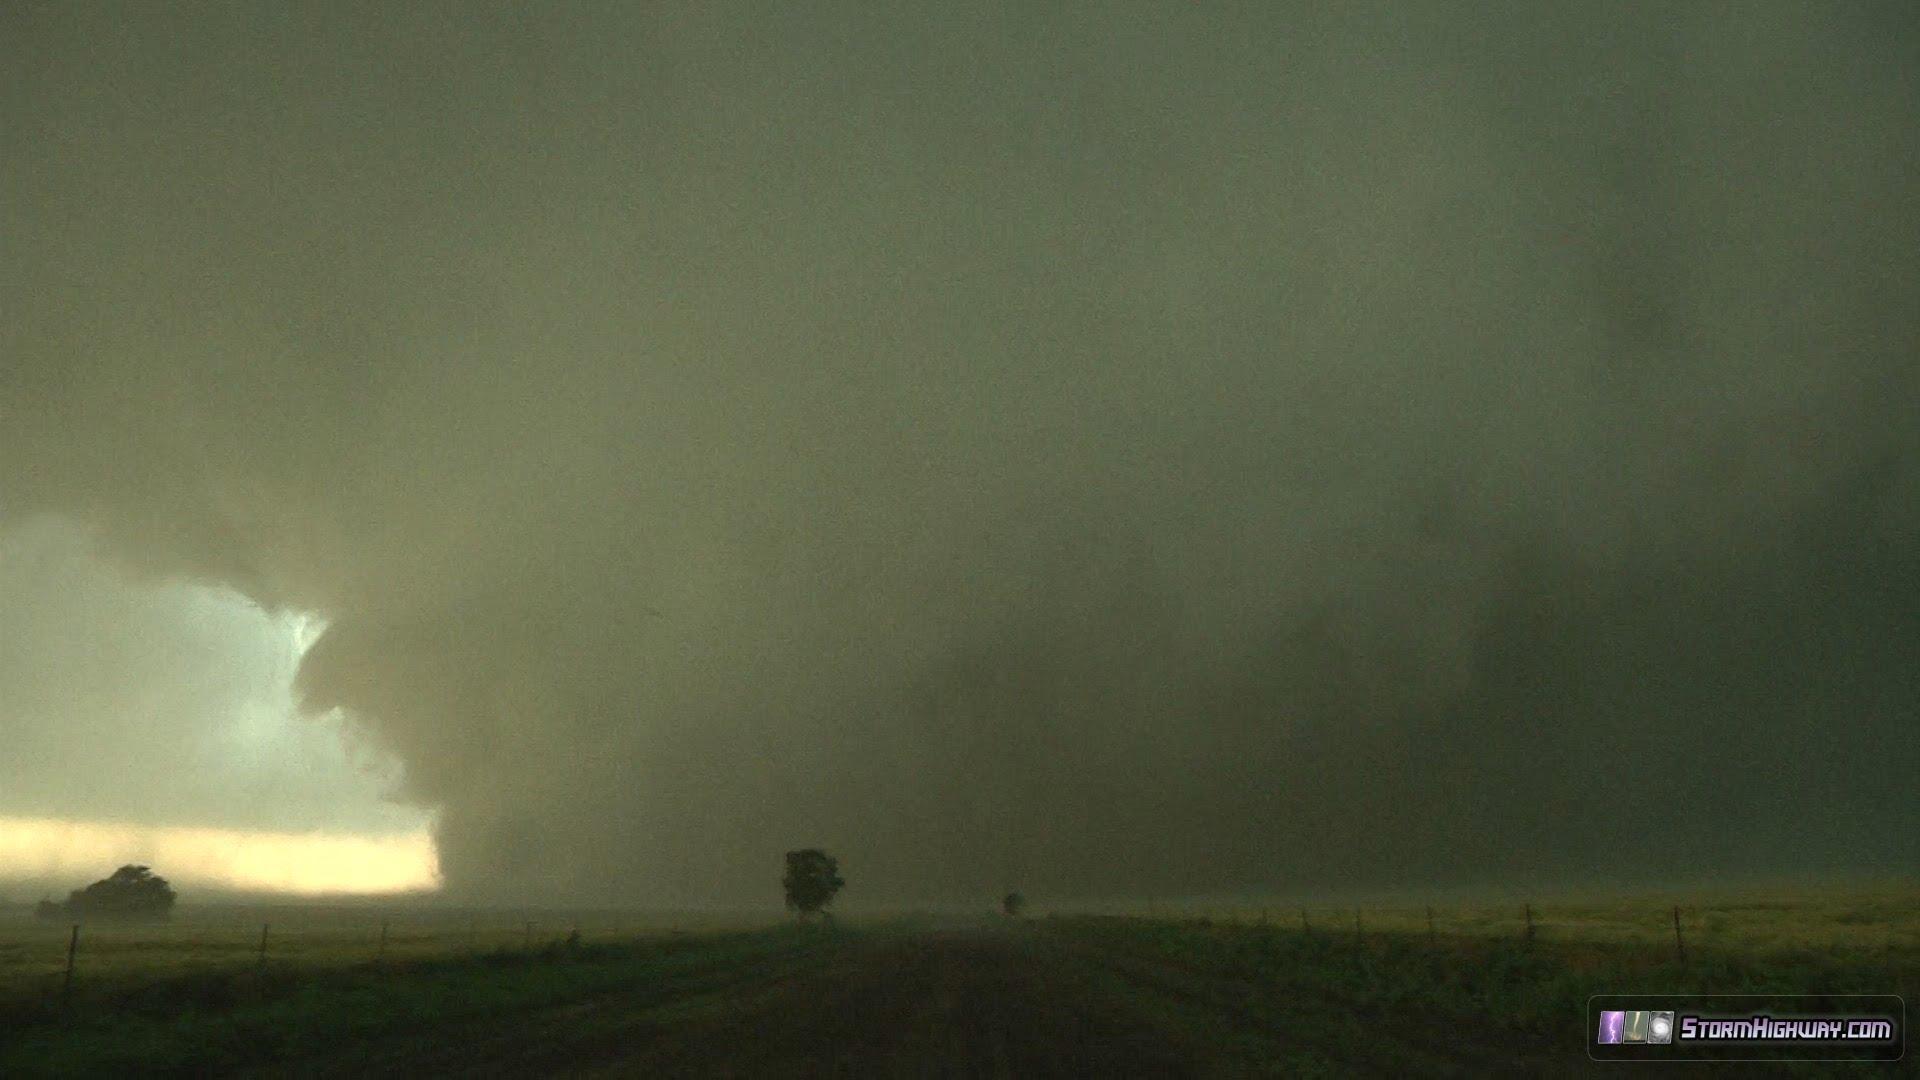 2018 tescott kansas tornado hypothetical tornadoes wiki fandom